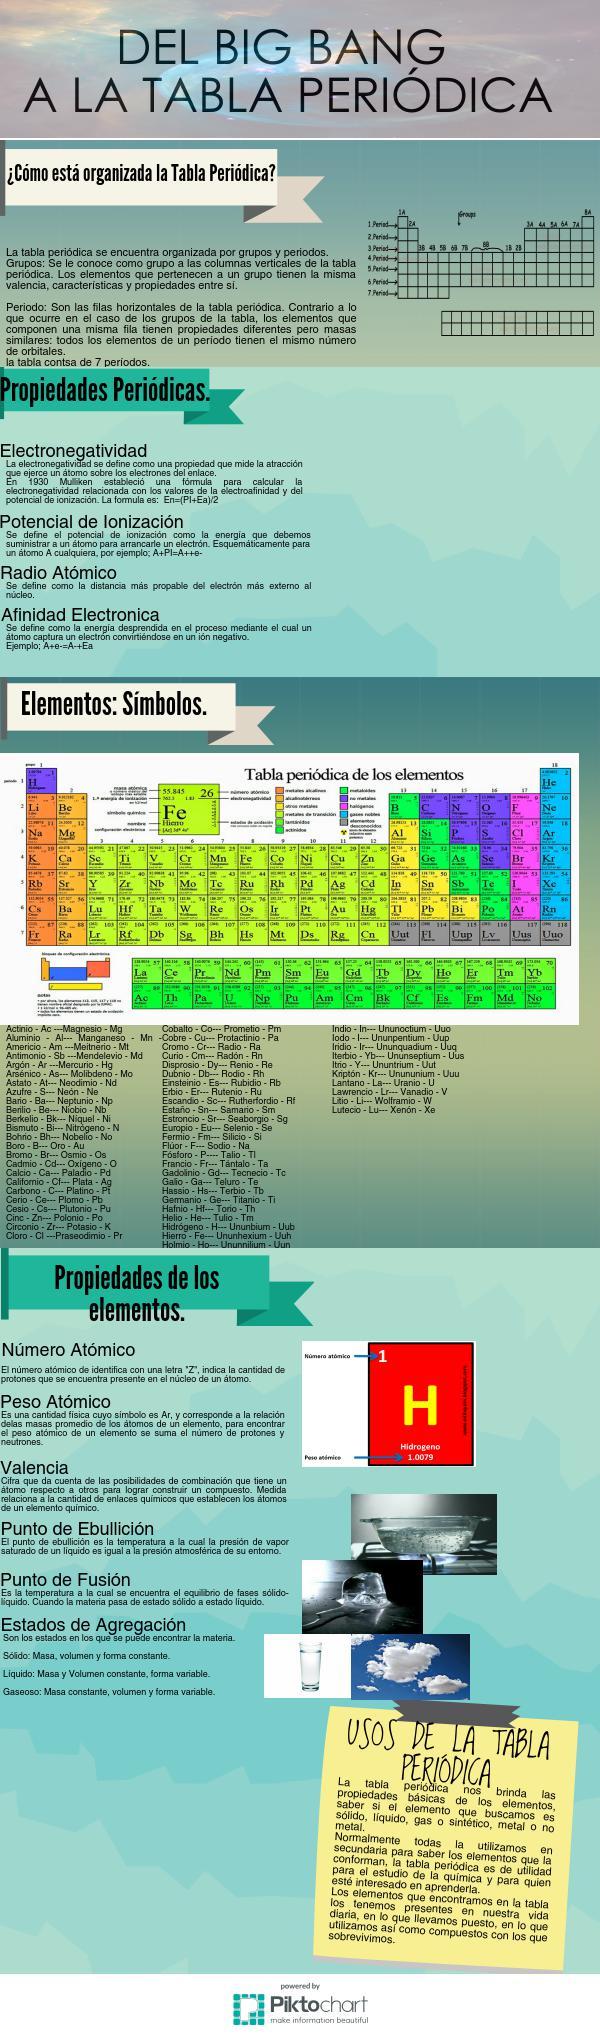 Del big bang a la tabla peridica piktochart visual editor urtaz Choice Image